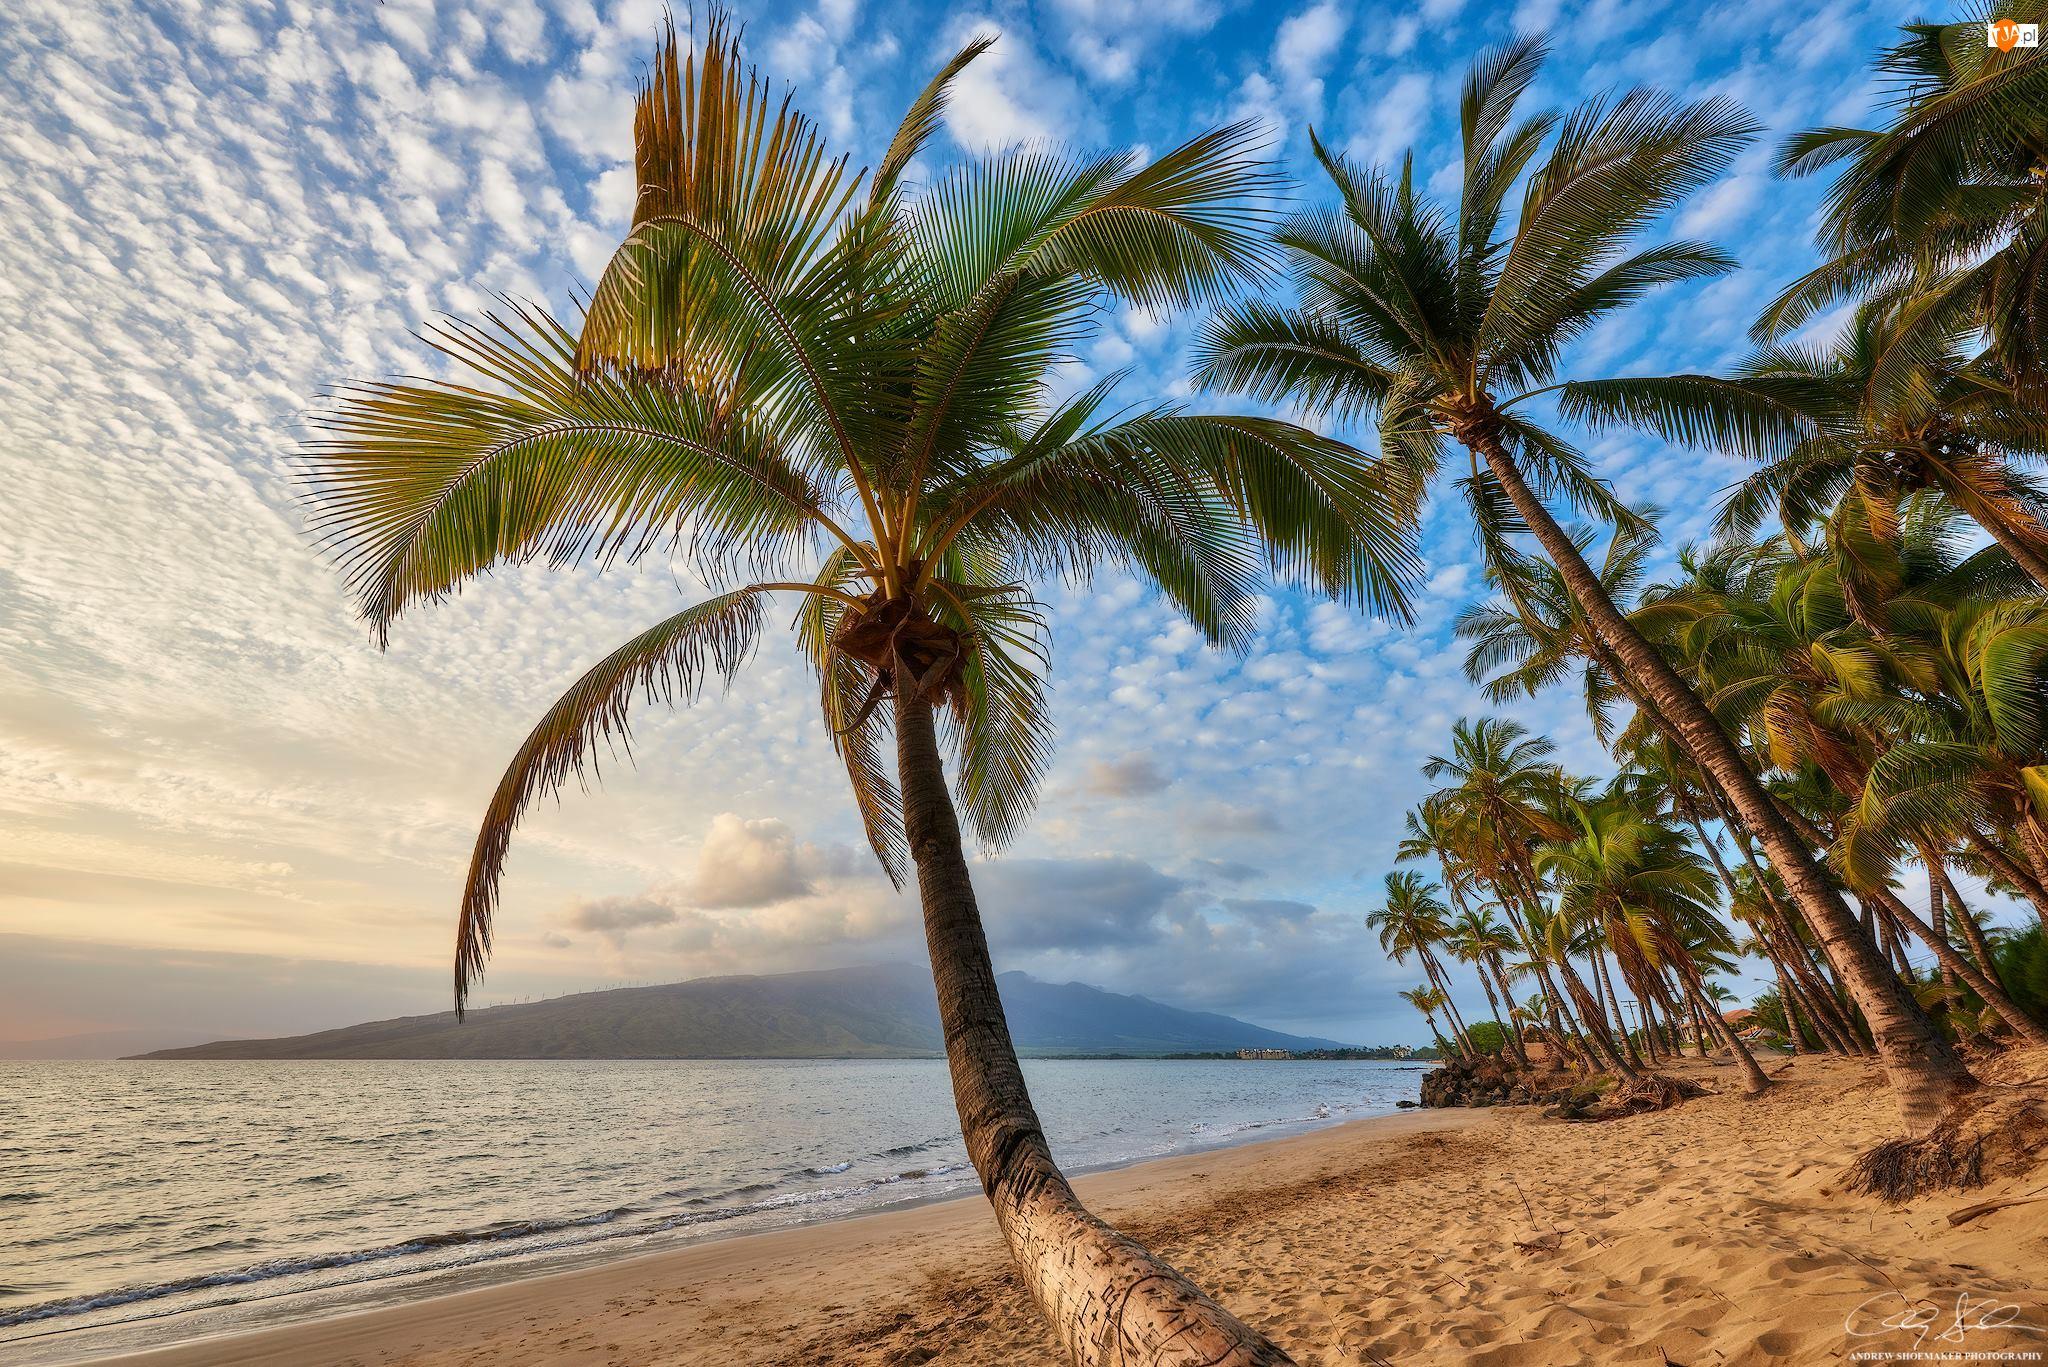 Morze, Hawaje, Palmy, Wyspa Maui, Plaża